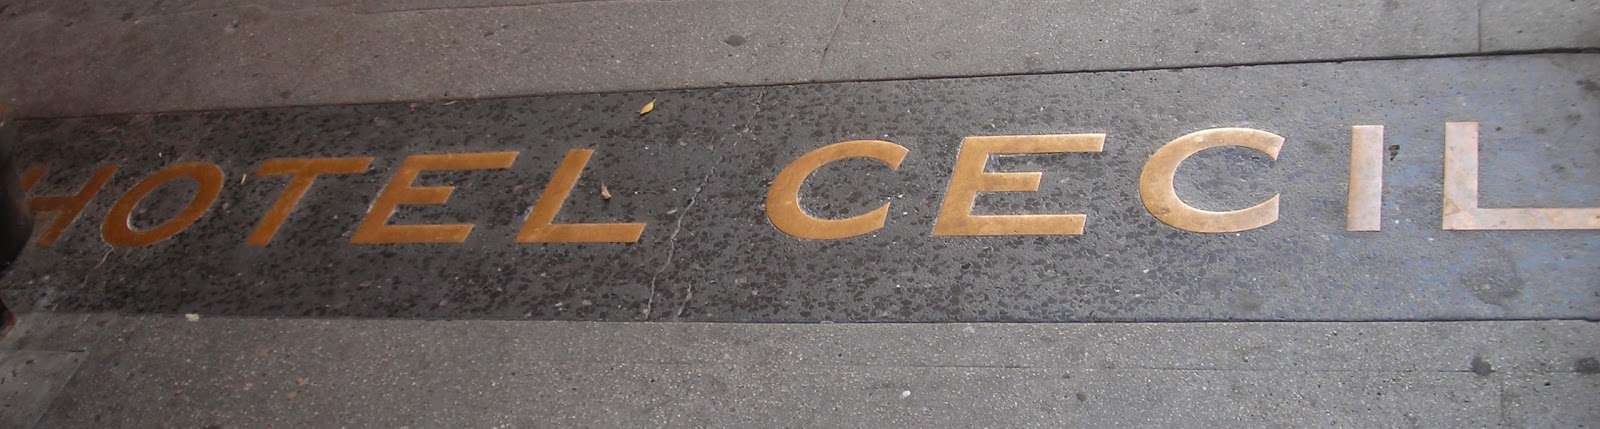 Hotel Cecil sidewalk